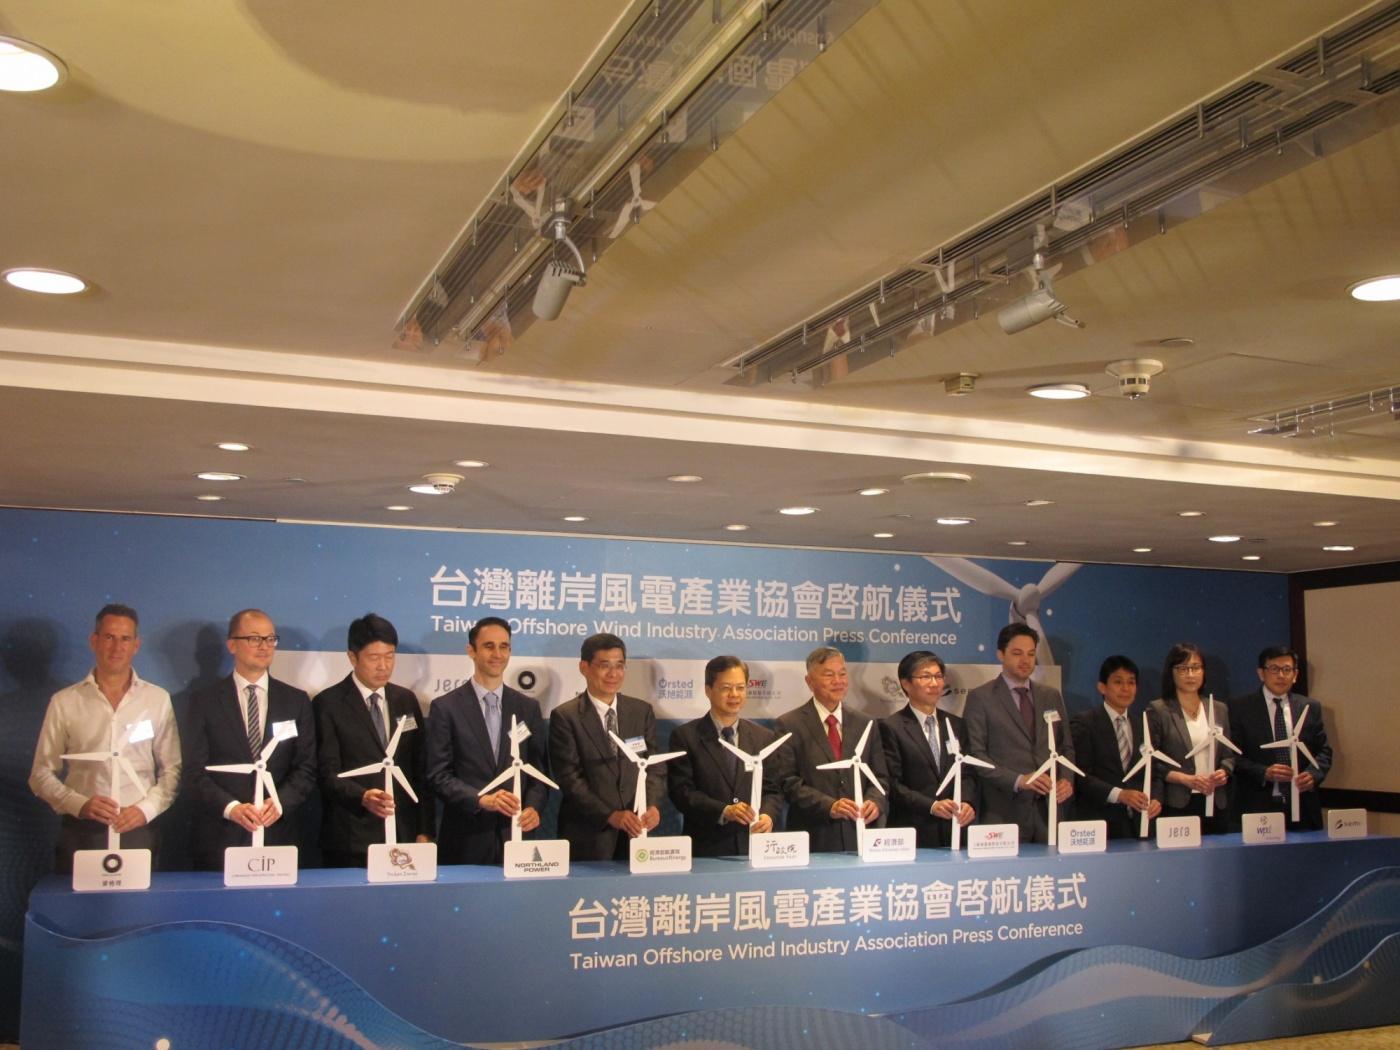 第3階段風電開發年底明朗,8大開發商組離岸風電協會接地氣